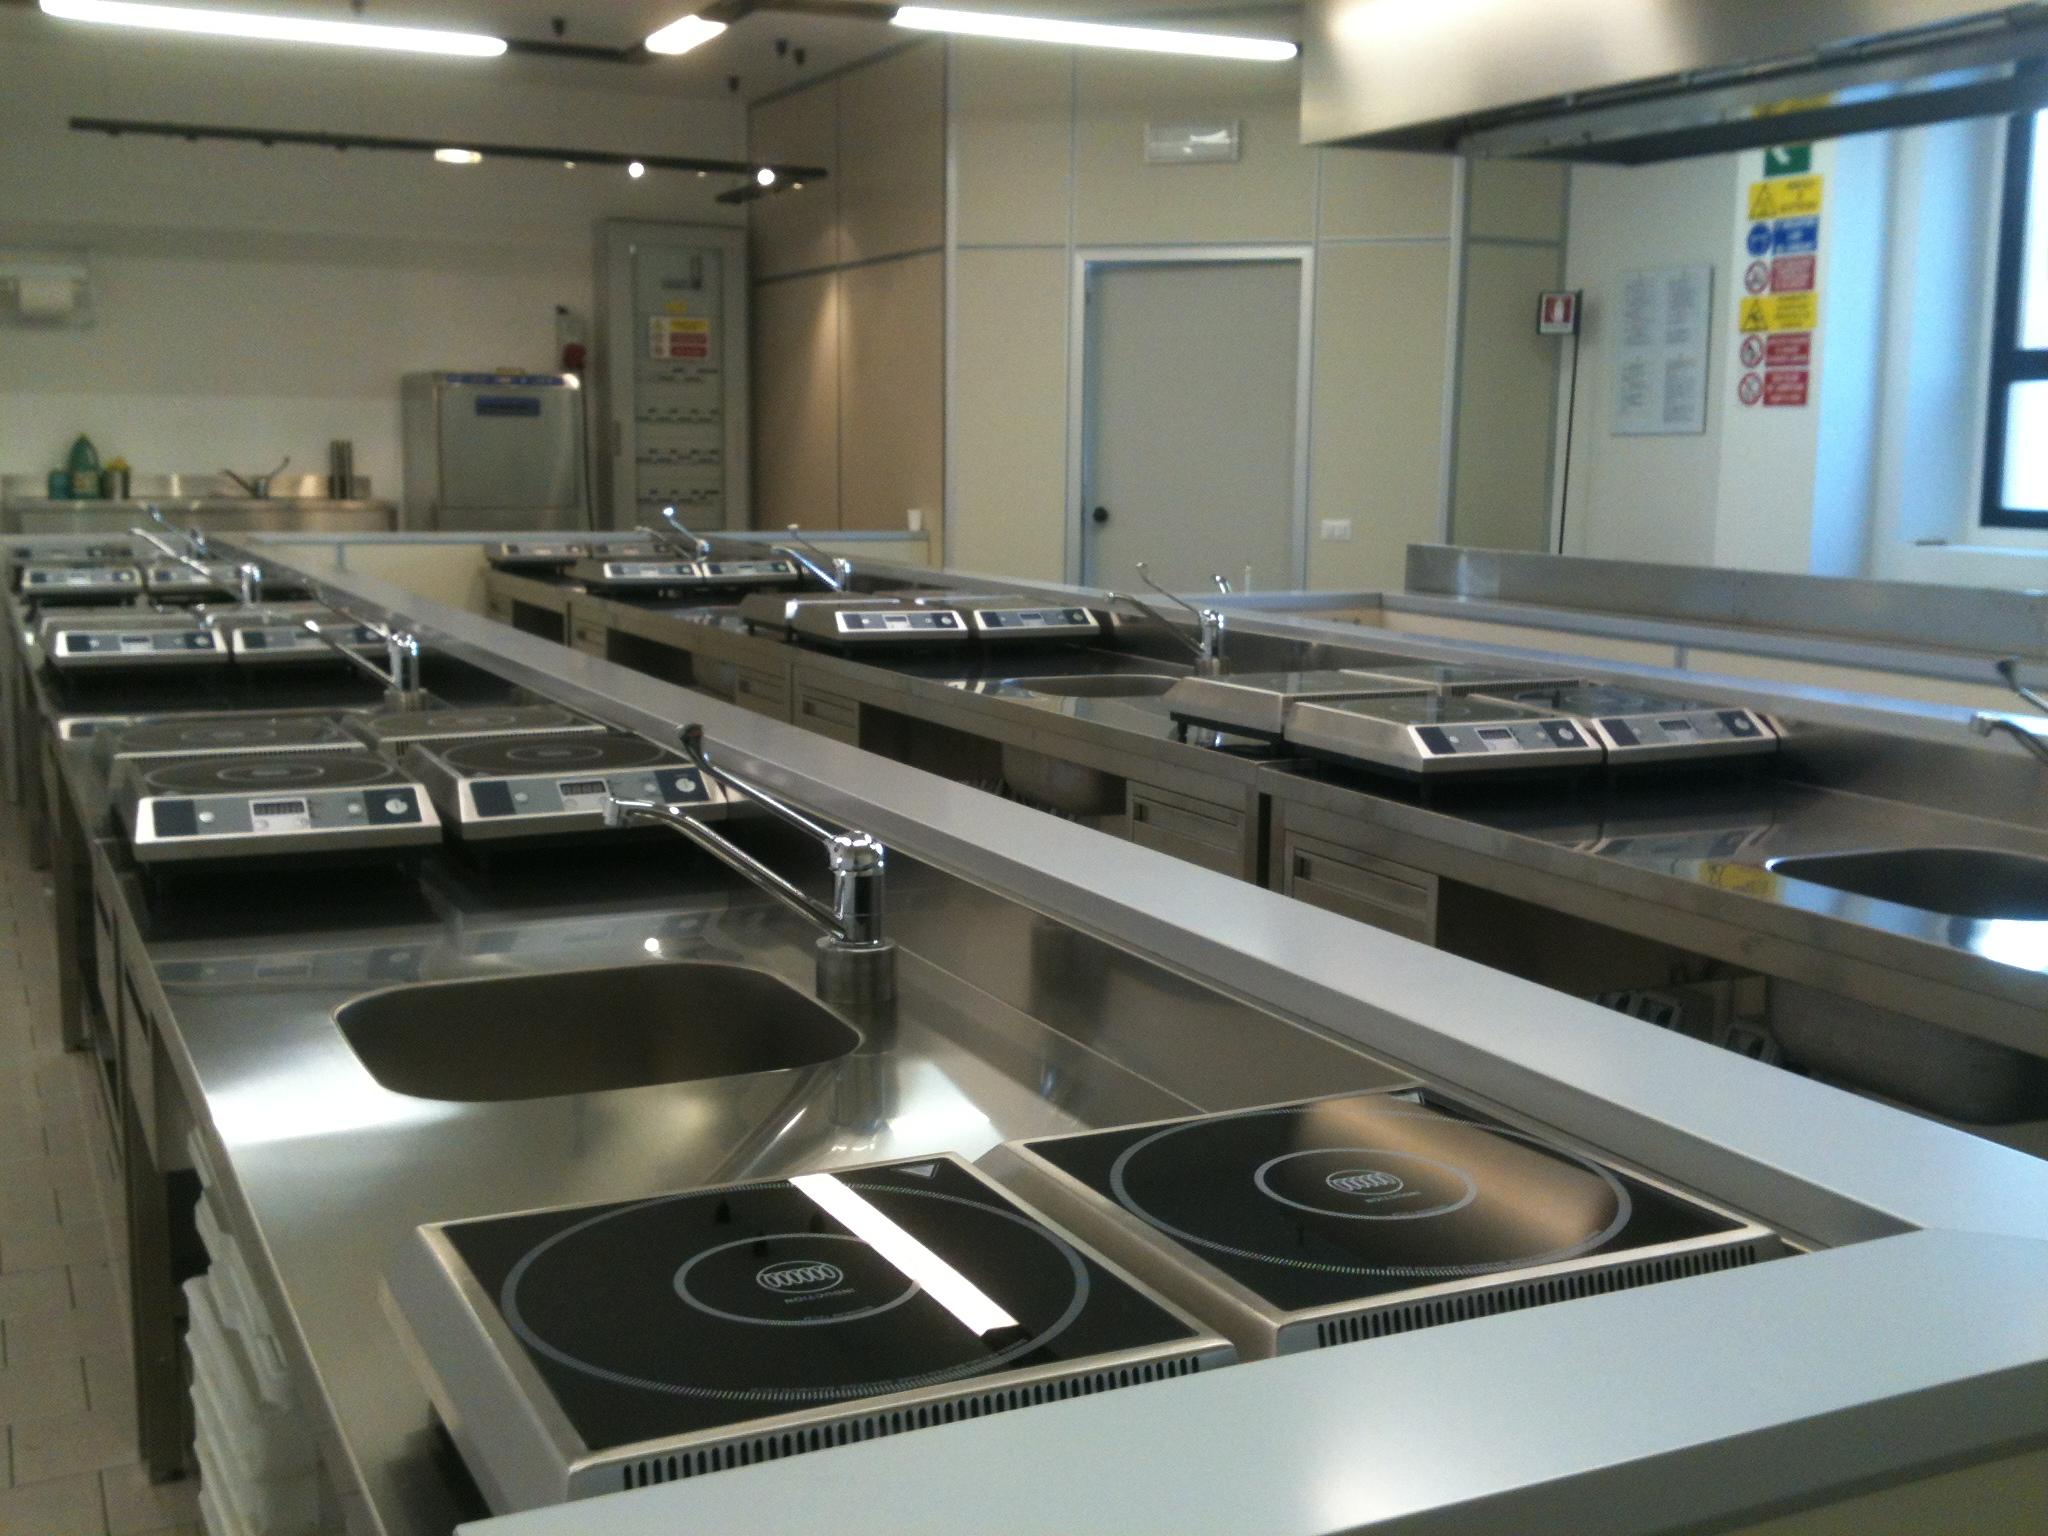 E\' attivo il nuovo laboratorio di cucina | CESCOT FIRENZE SRL